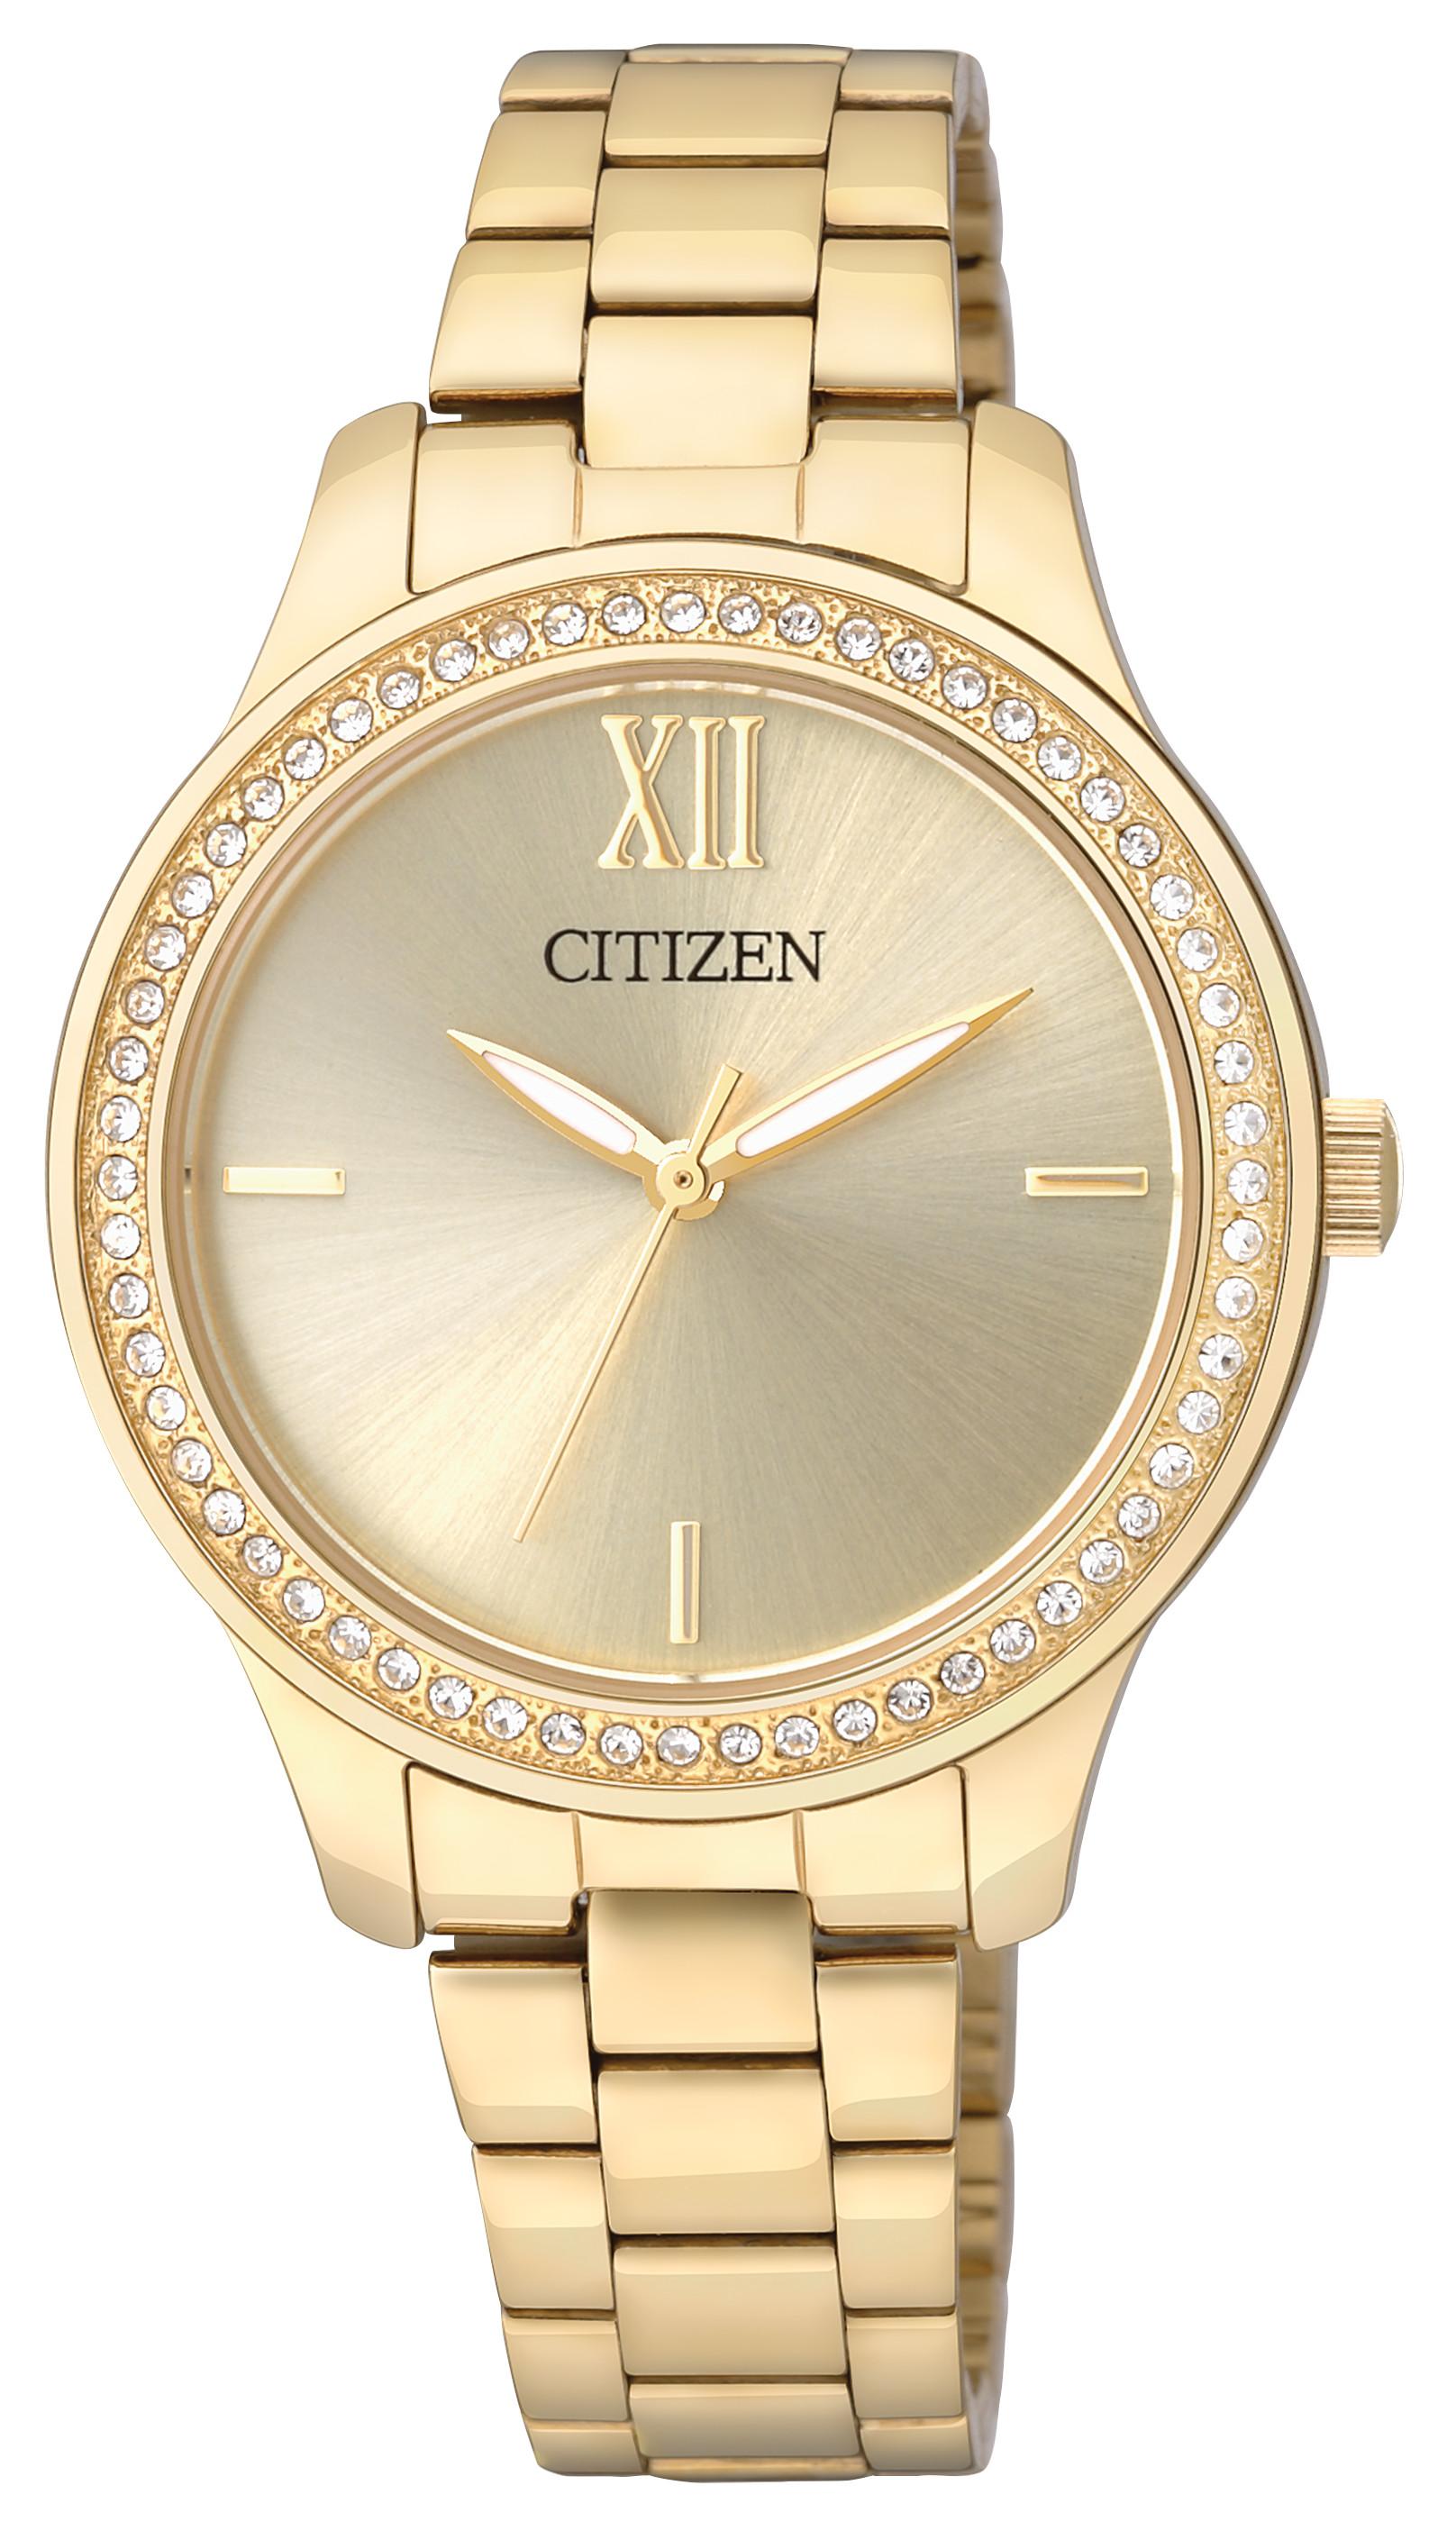 นาฬิกาผู้หญิง Citizen Eco-Drive รุ่น EL3088-59P, Gold Tone